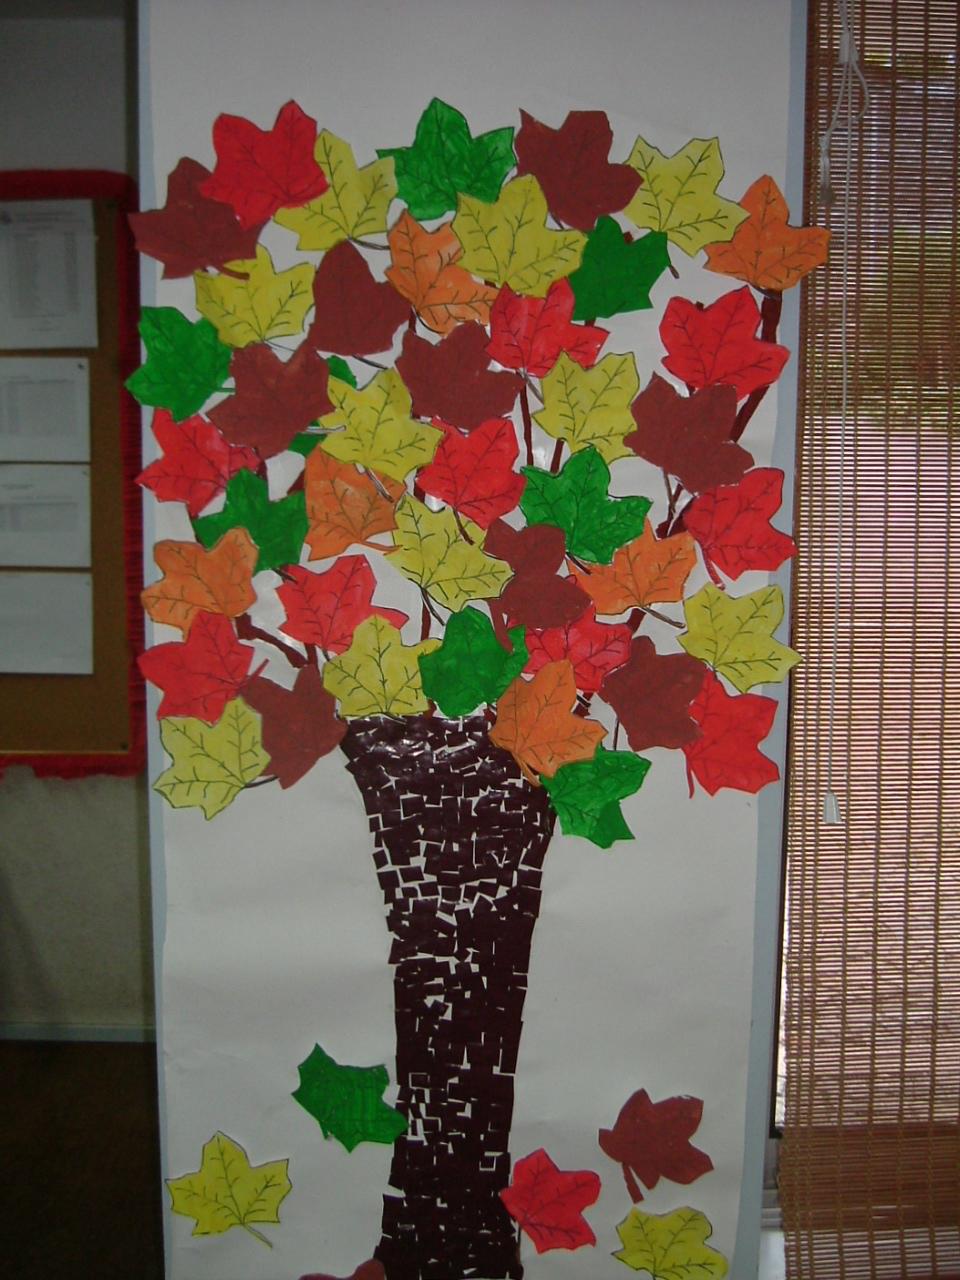 ideias para o outono jardim de infancia : ideias para o outono jardim de infancia:Os Pequeninos de Airão: O nosso magusto